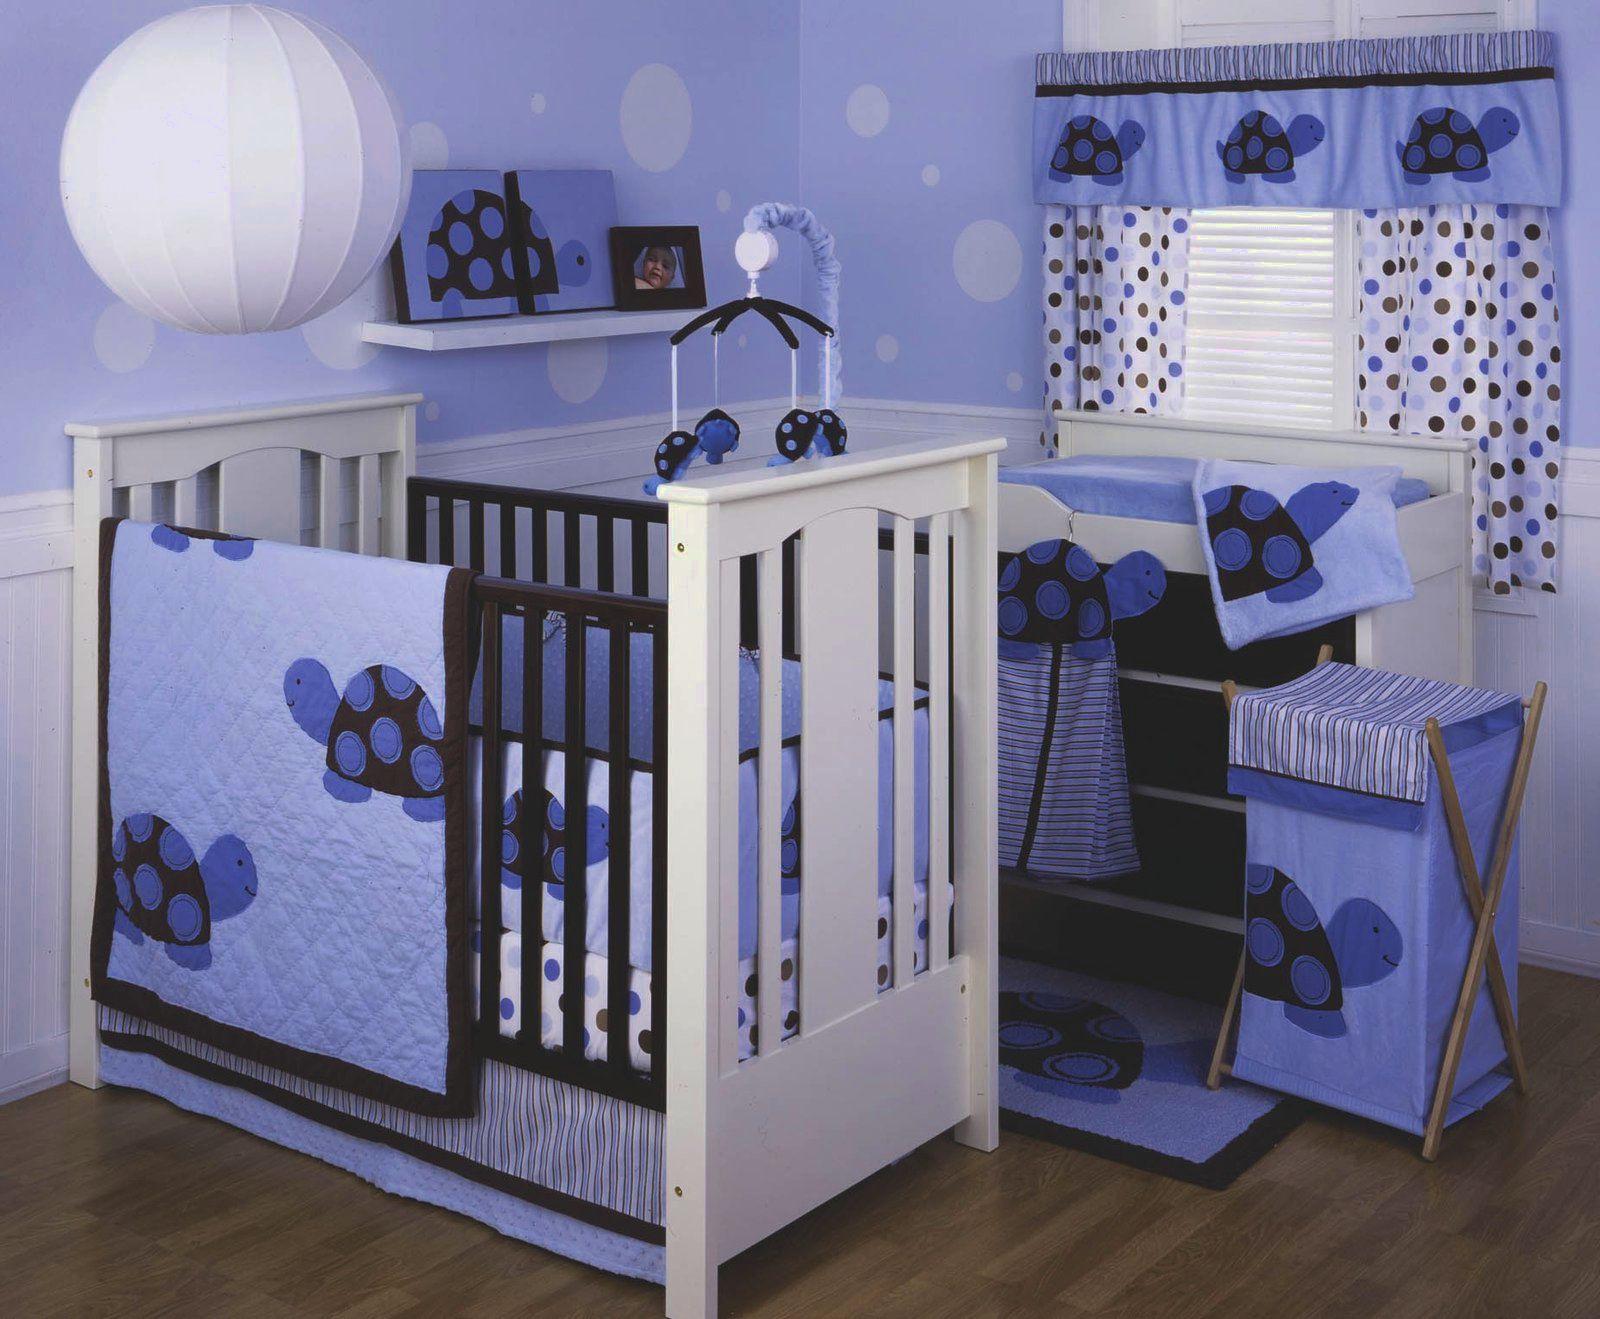 Kinderzimmer Ideen Für Mädchen Lila Kinderzimmer ideen